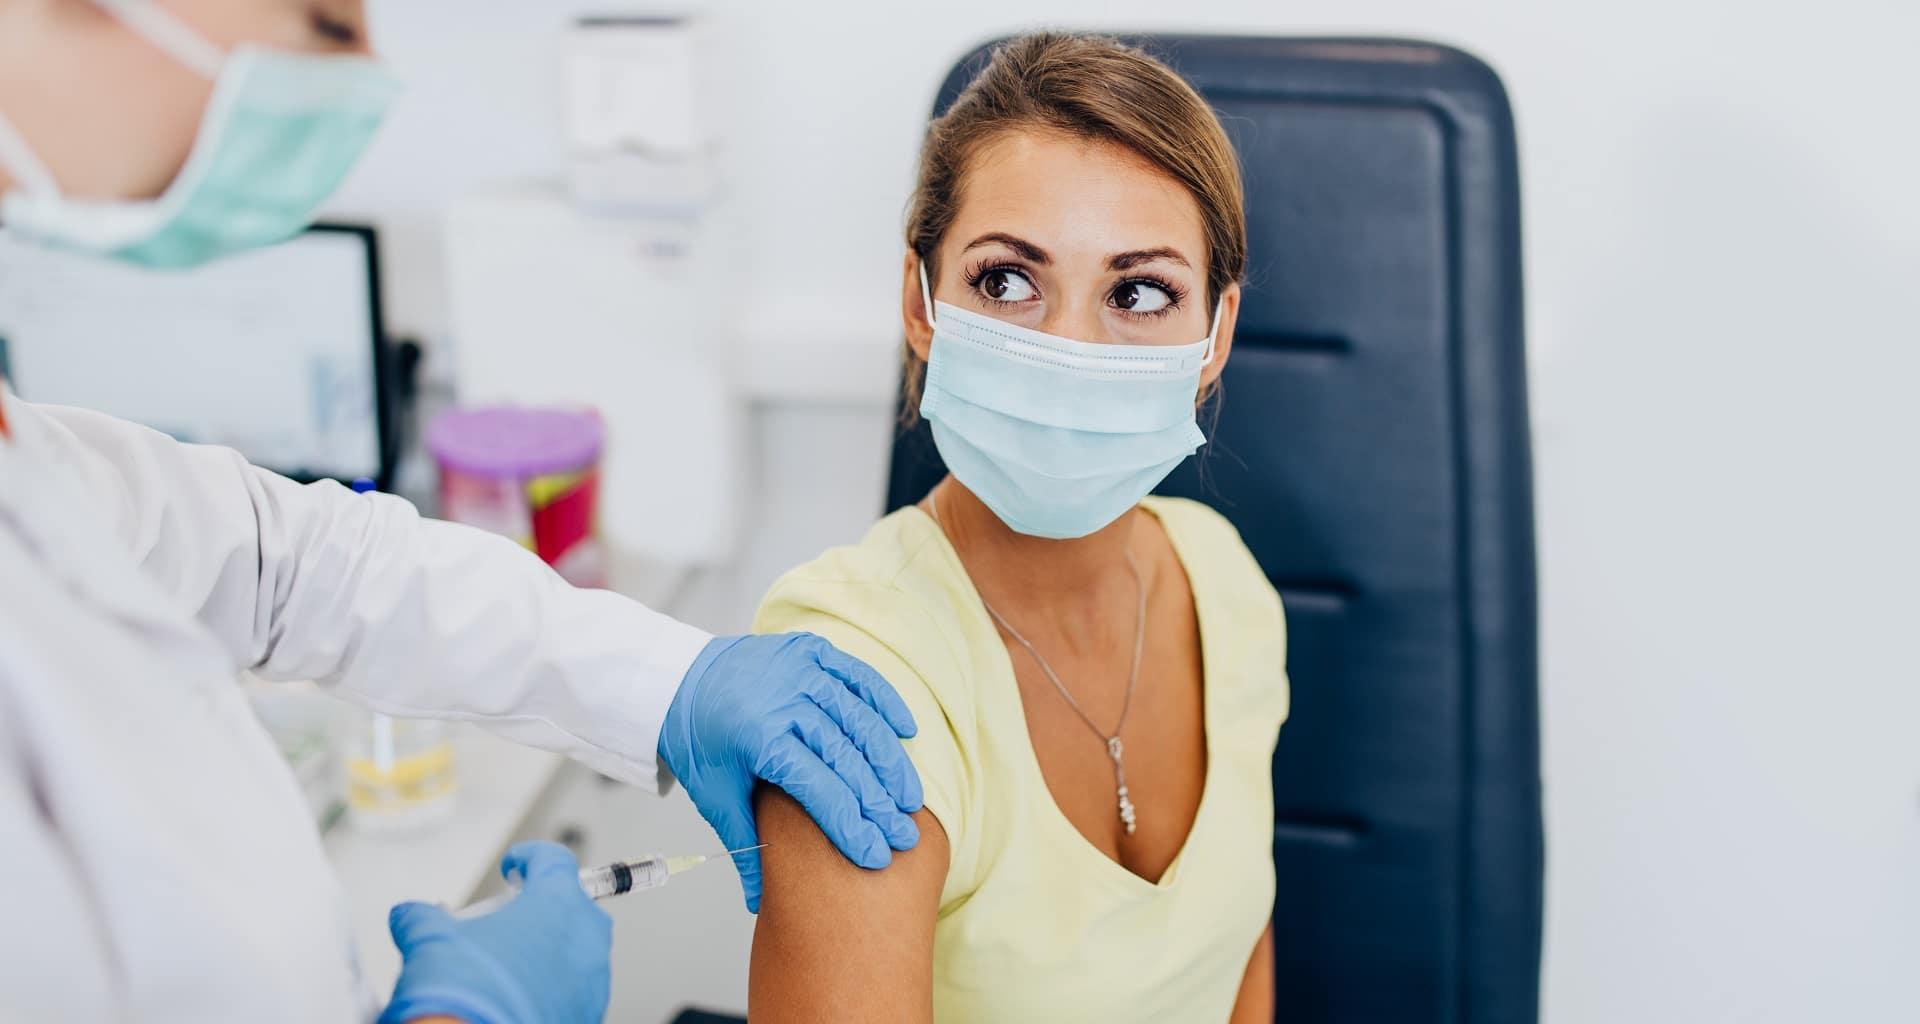 Are COVID-19 Vaccines Safe?